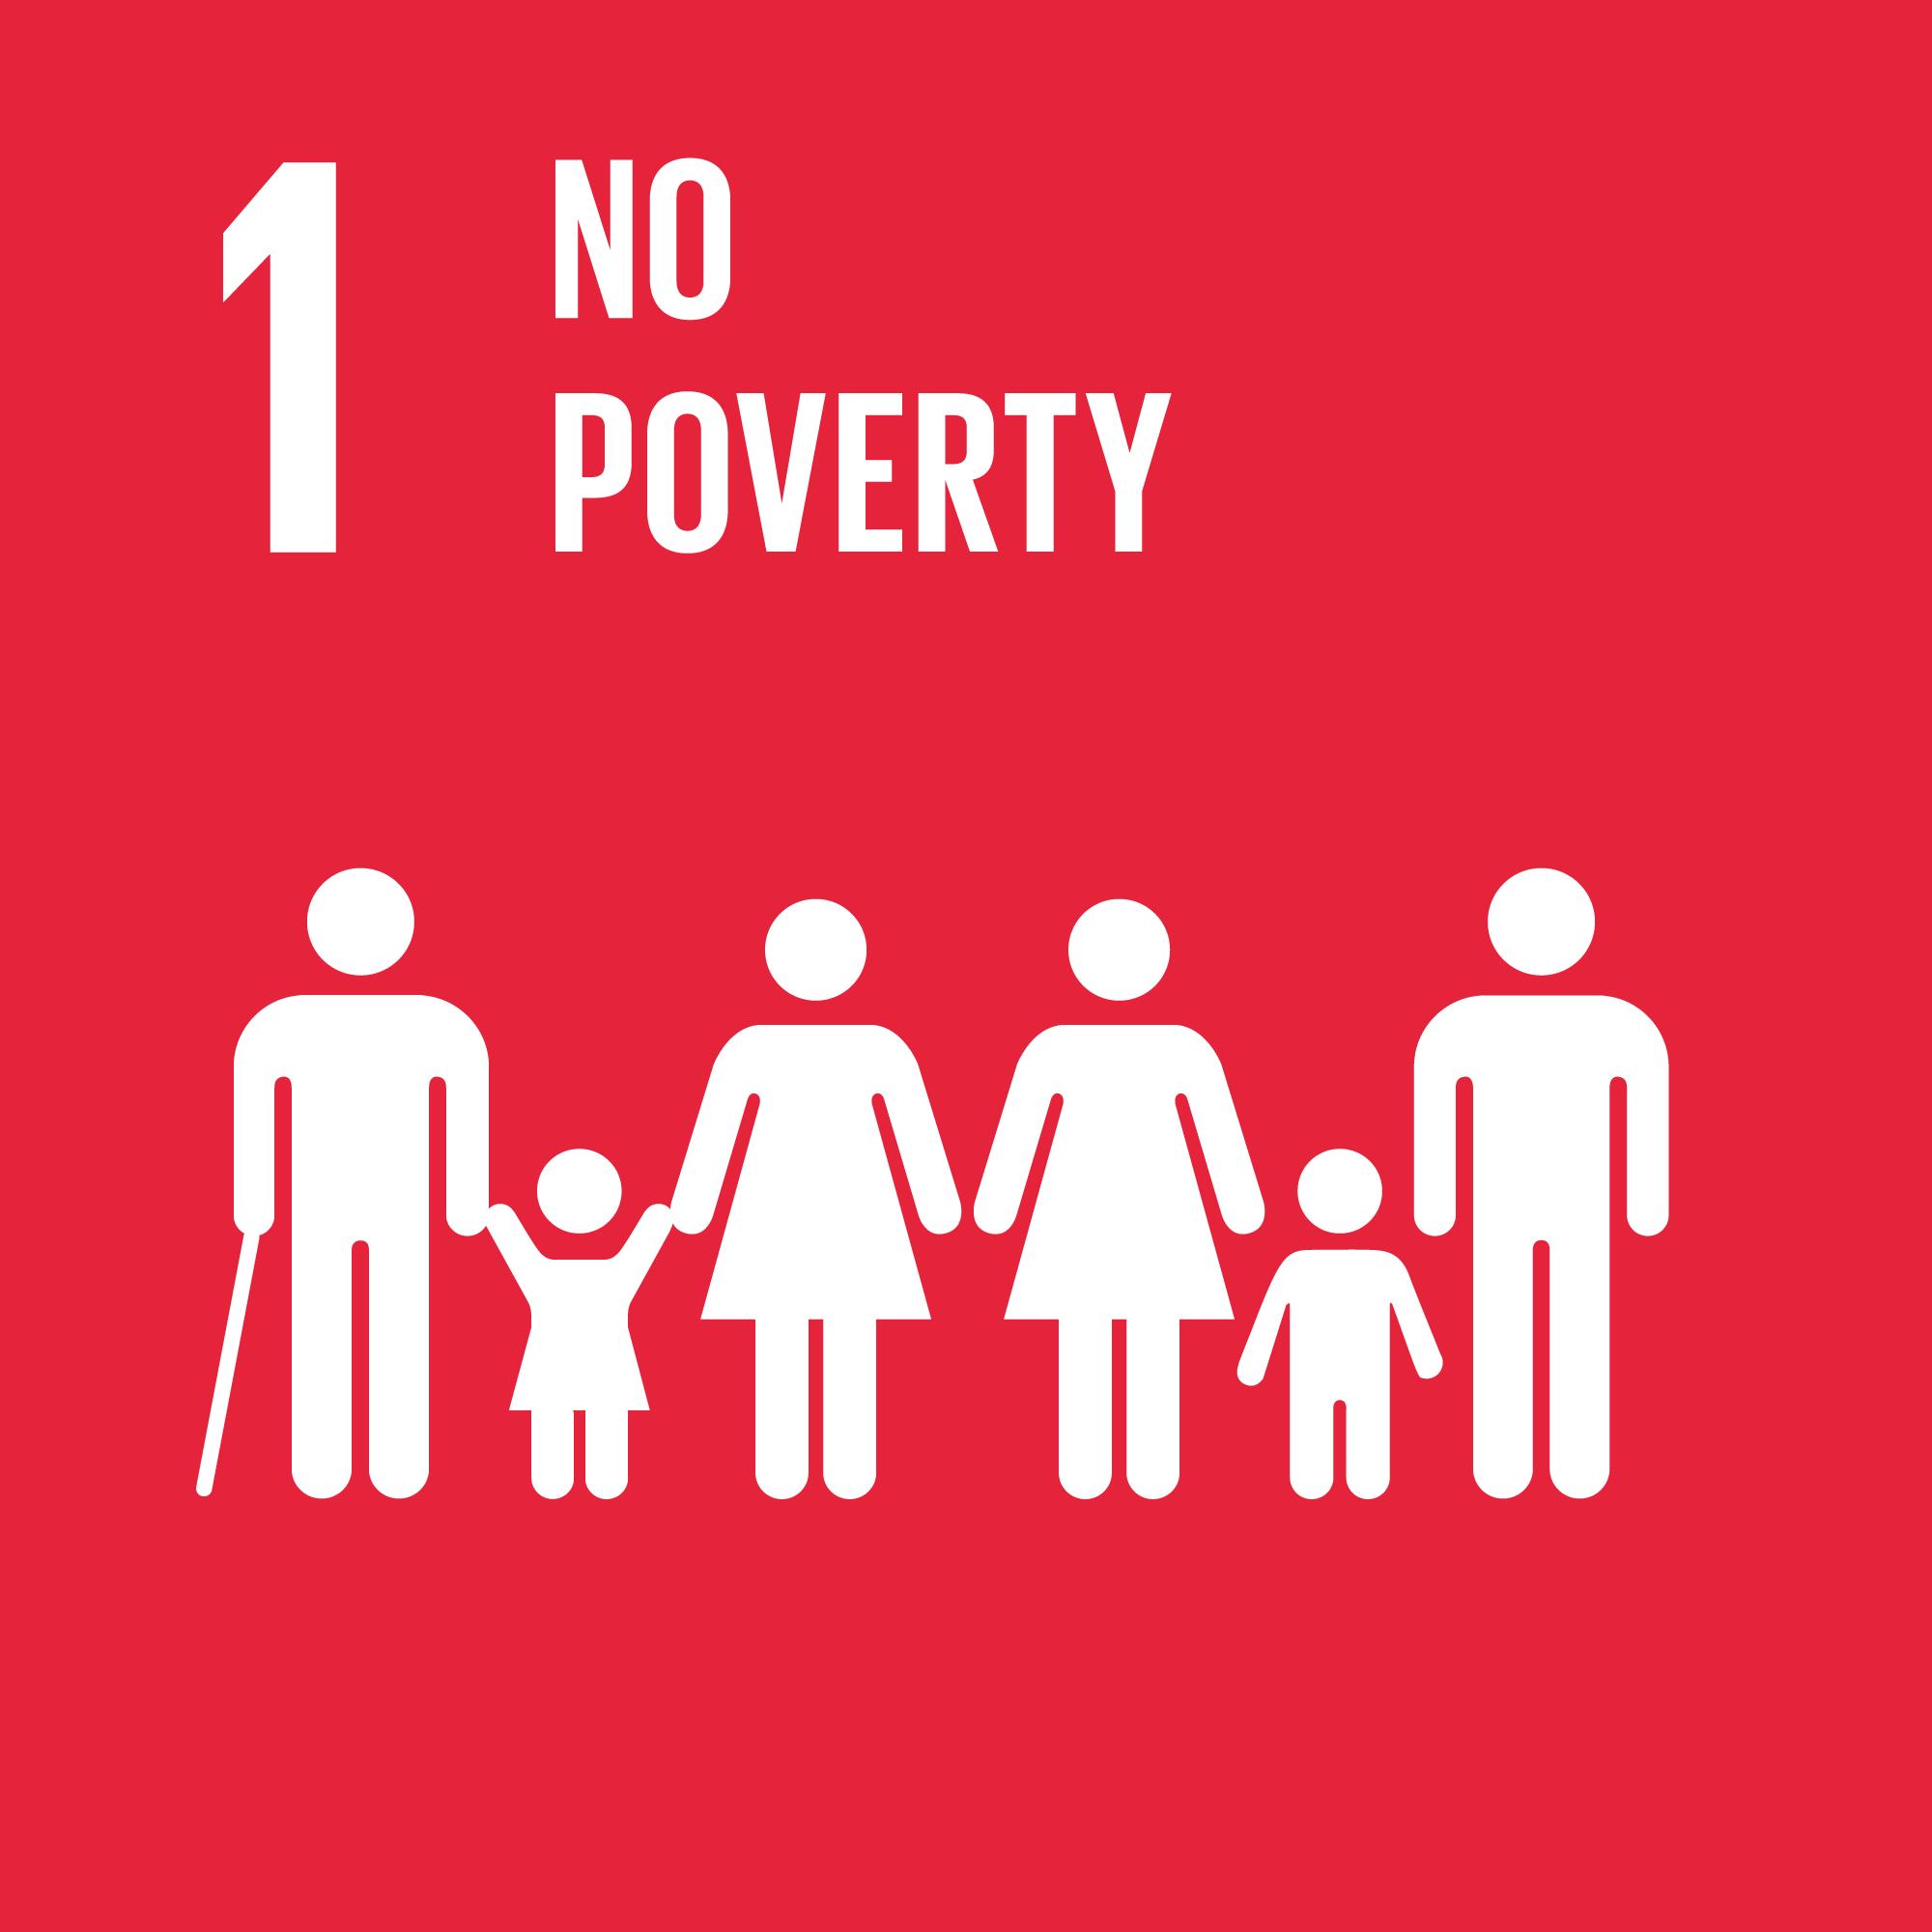 Sustainable development goals 1. Illustration.